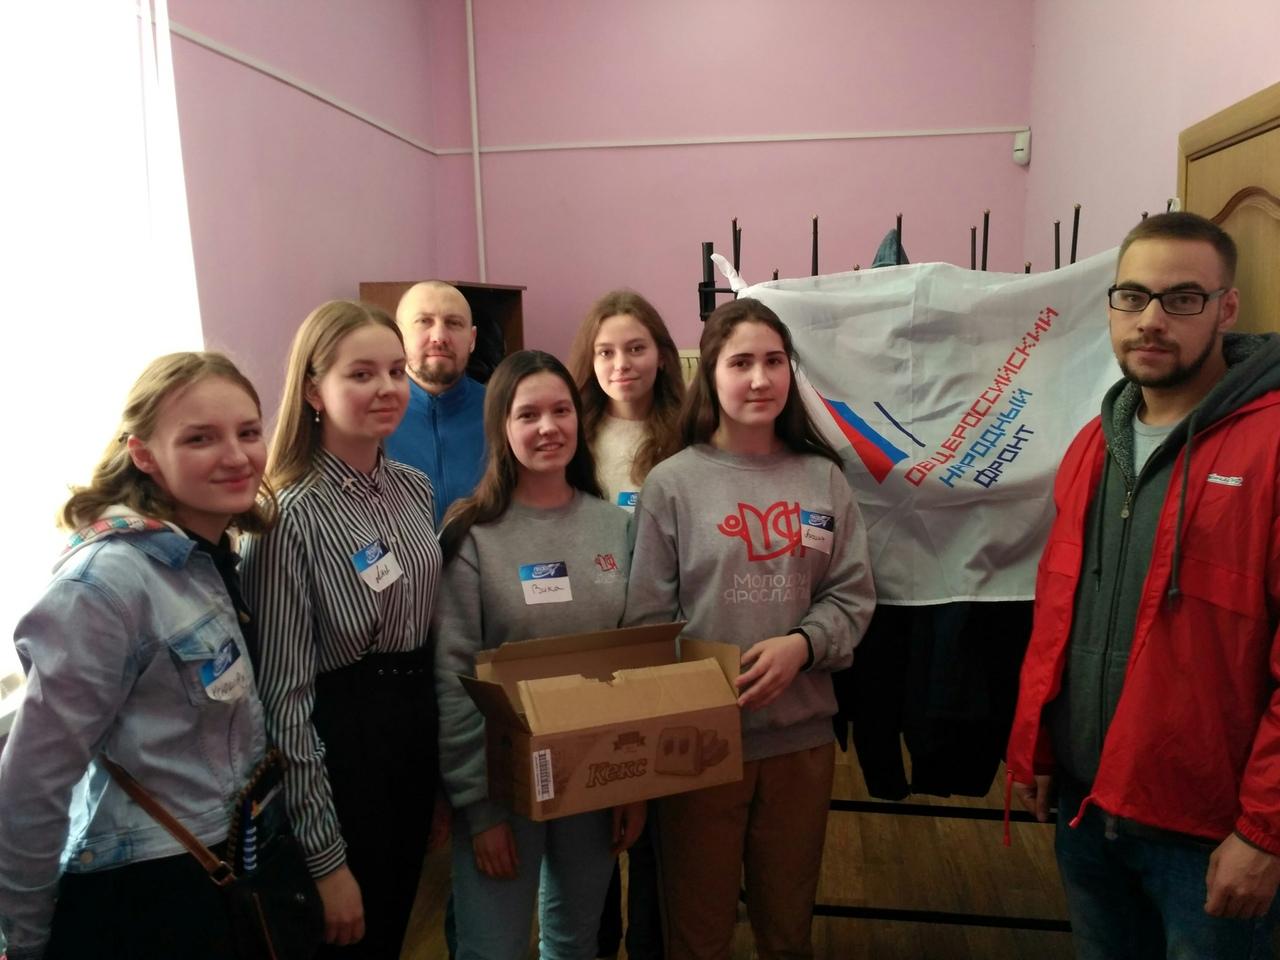 Жители Ярославской области собрали полтонны макулатуры и спасли 10 деревьев